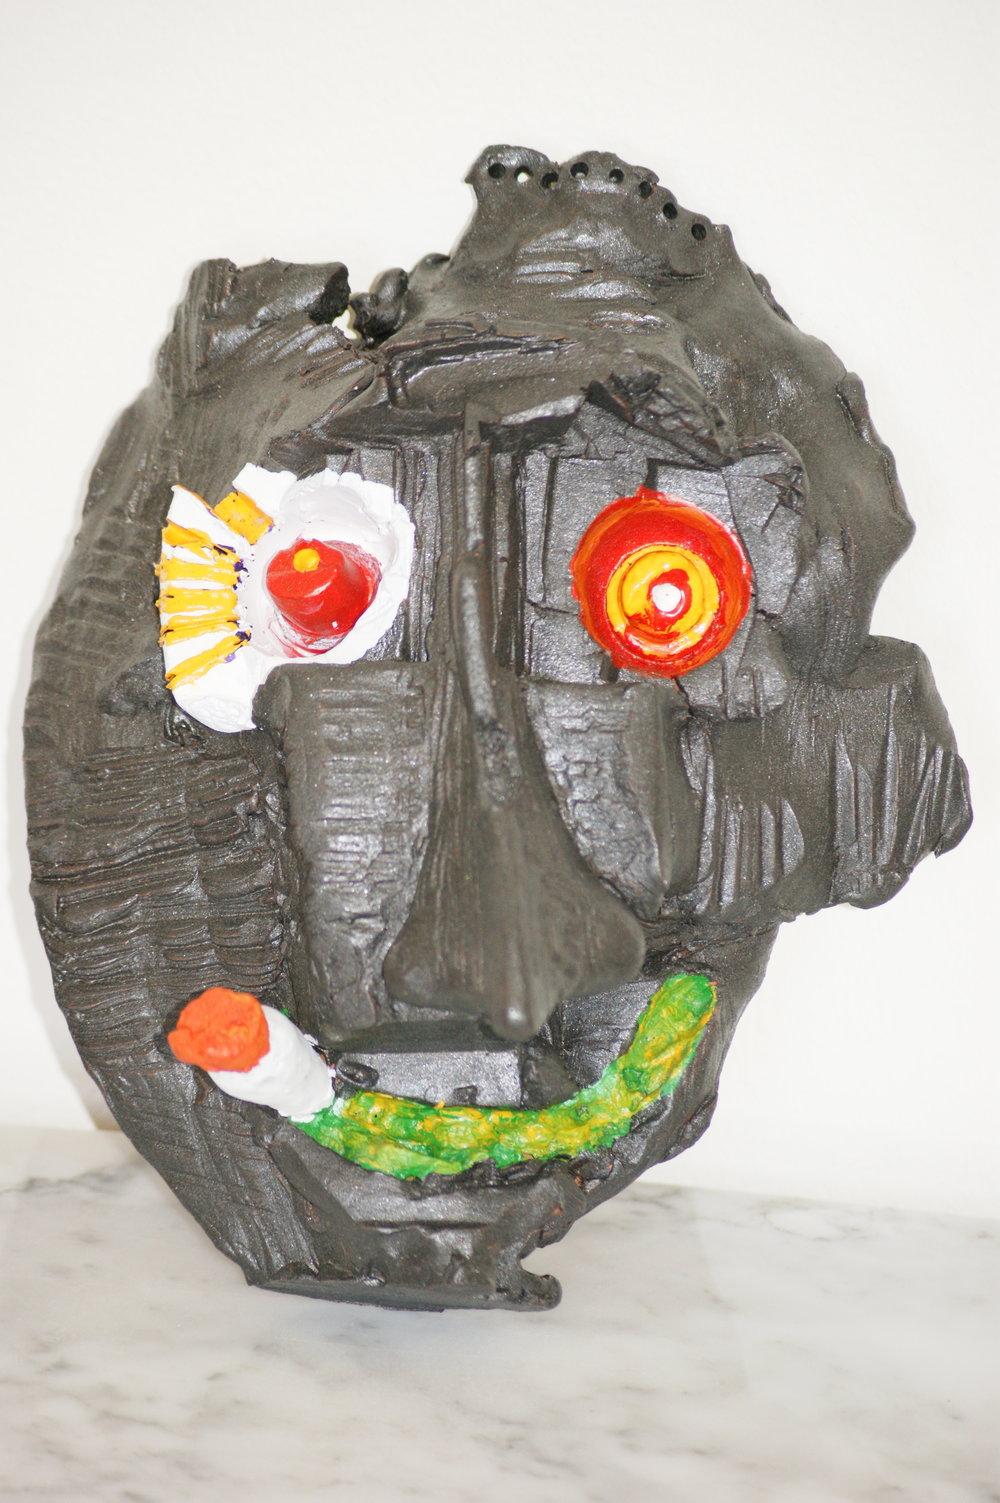 Máscara en arcilla roja cocida, 2018. Representa un marcianillo alucinado fumando un porro. Yo no fumo ni soy adepto de la marihuana, pero me he permitido hacer un guiño a mi parte más loca, gamberra e iconoclasta. Es también un homenaje al Makoki de comienzos de los ochenta que buscaba con fruición en la cuesta de Moyano y en las Ramblas, en las correrías artísticas y sentimentales de aquellos tiempos.